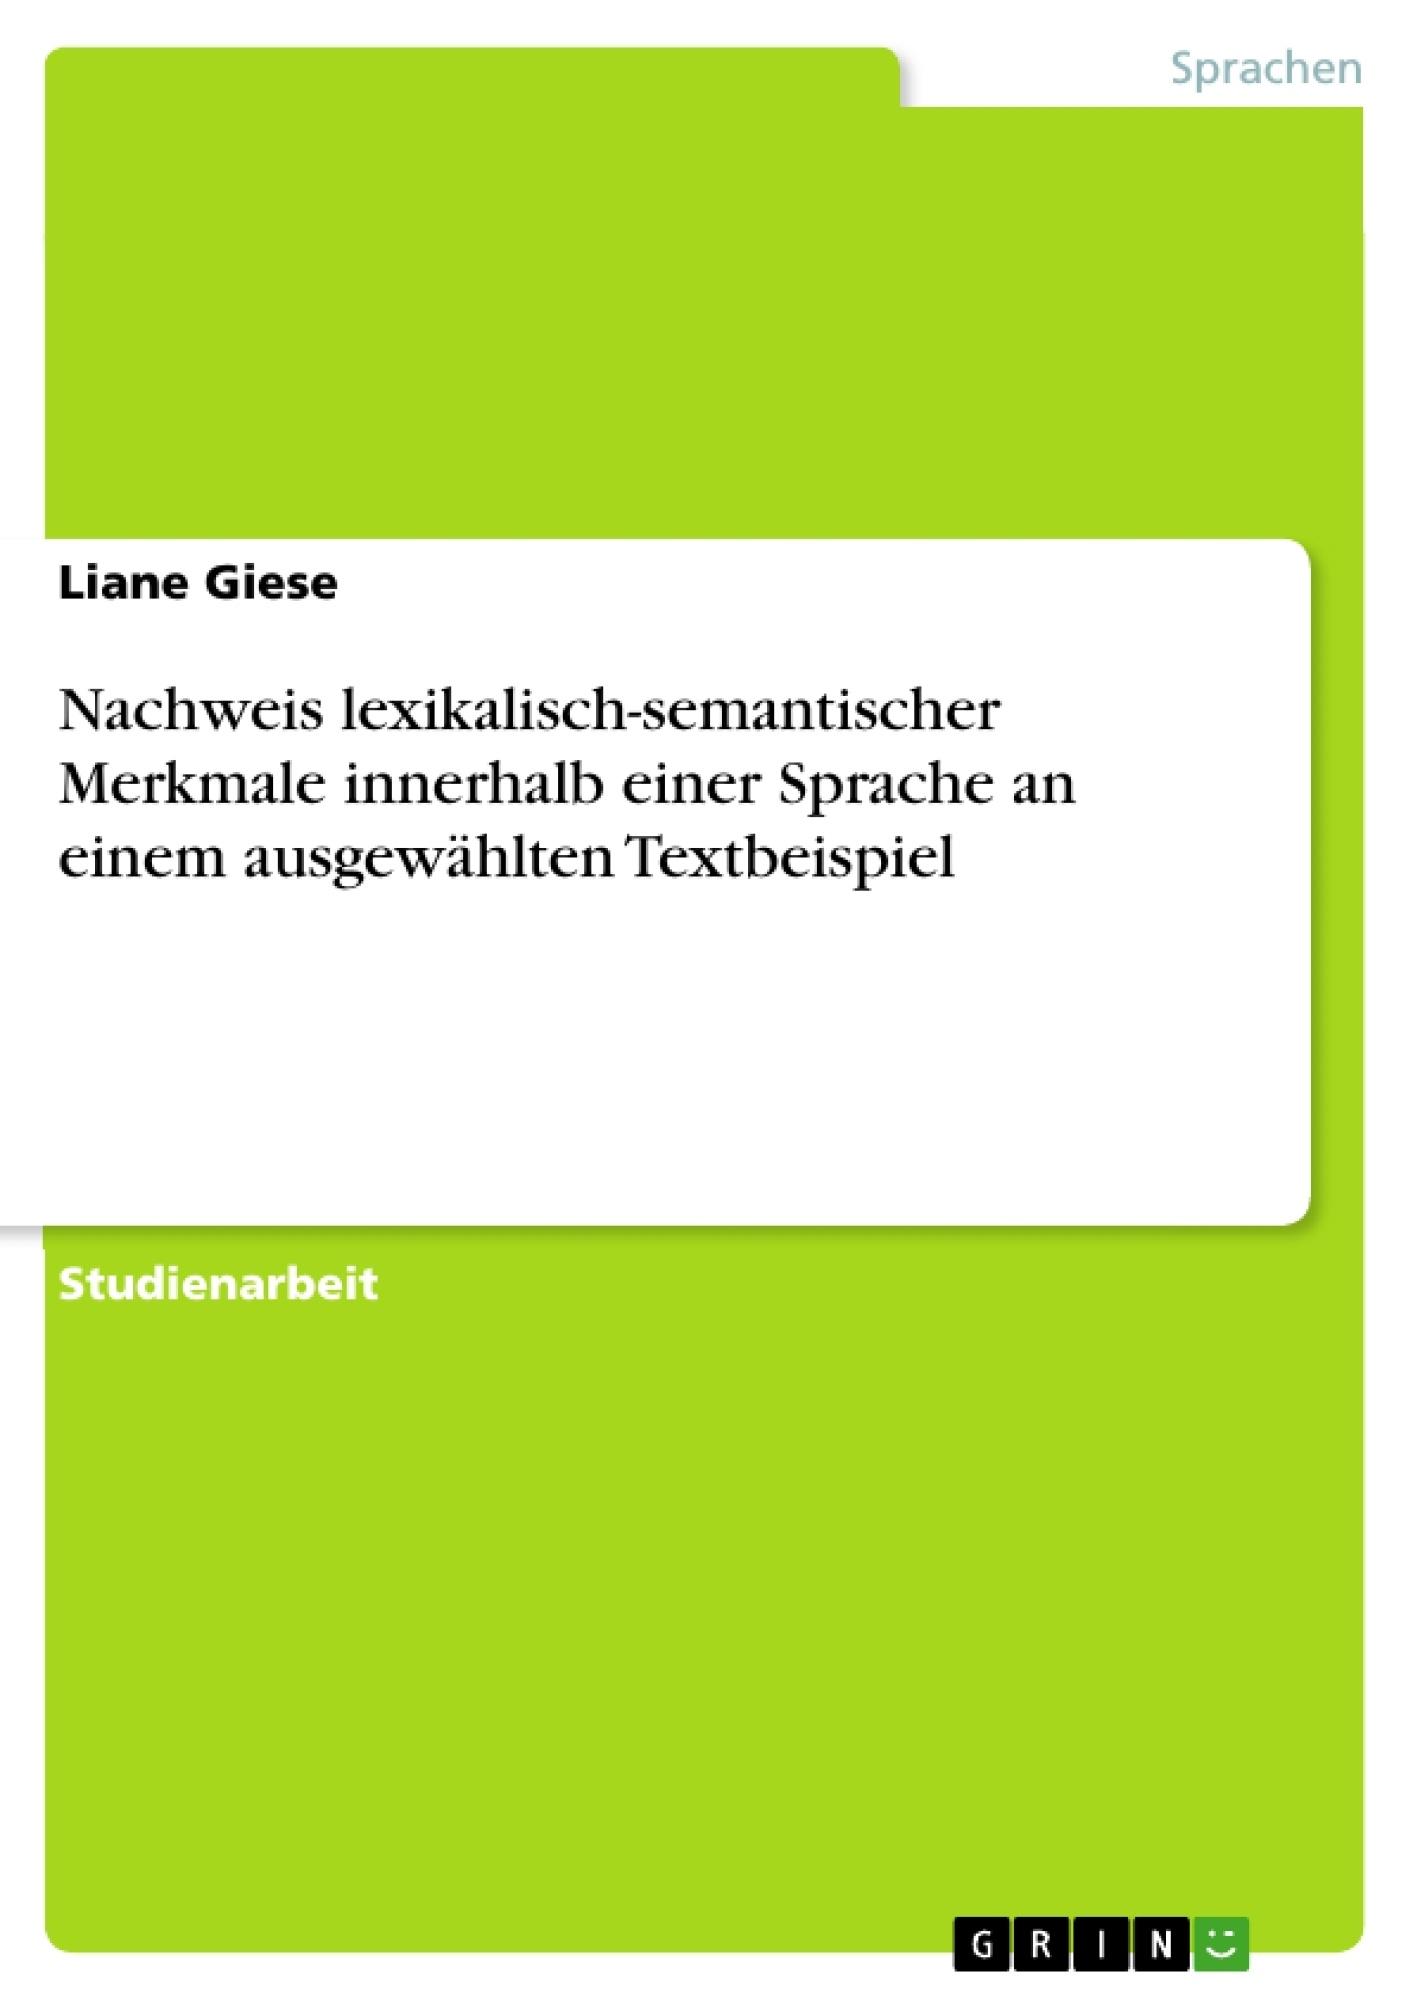 Titel: Nachweis lexikalisch-semantischer Merkmale  innerhalb einer Sprache  an einem ausgewählten Textbeispiel